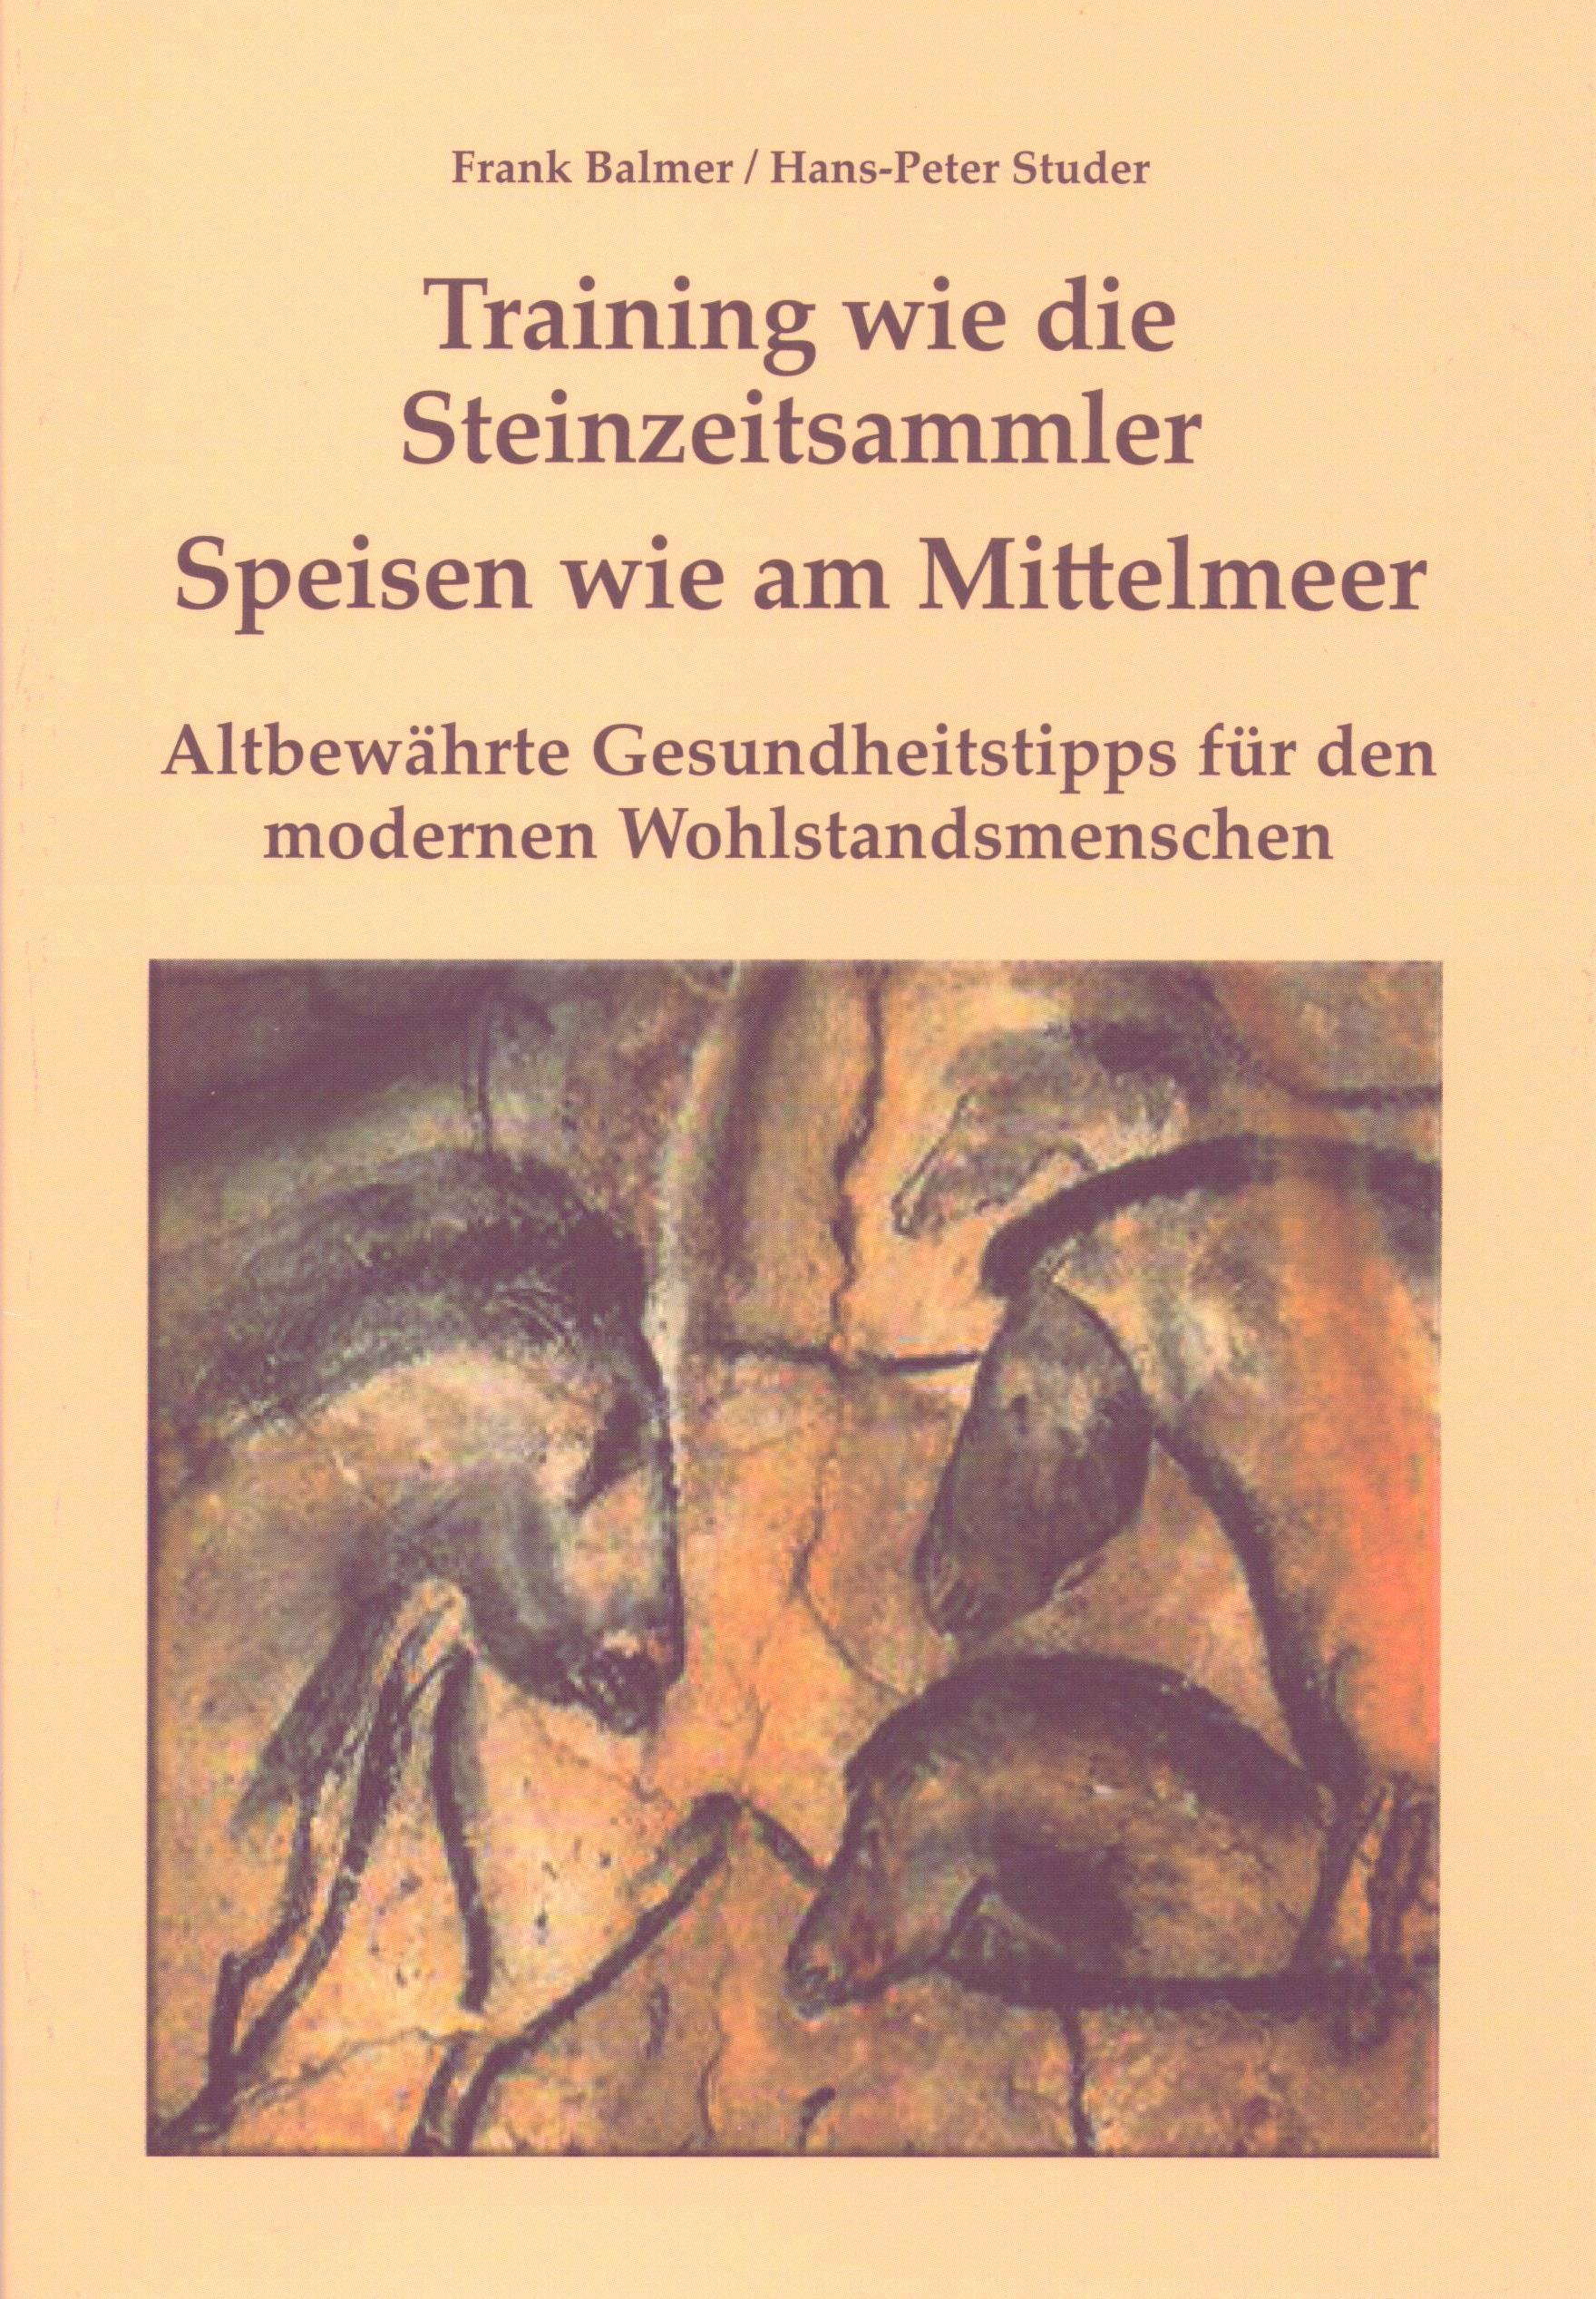 buchcover-steinzeitsammler